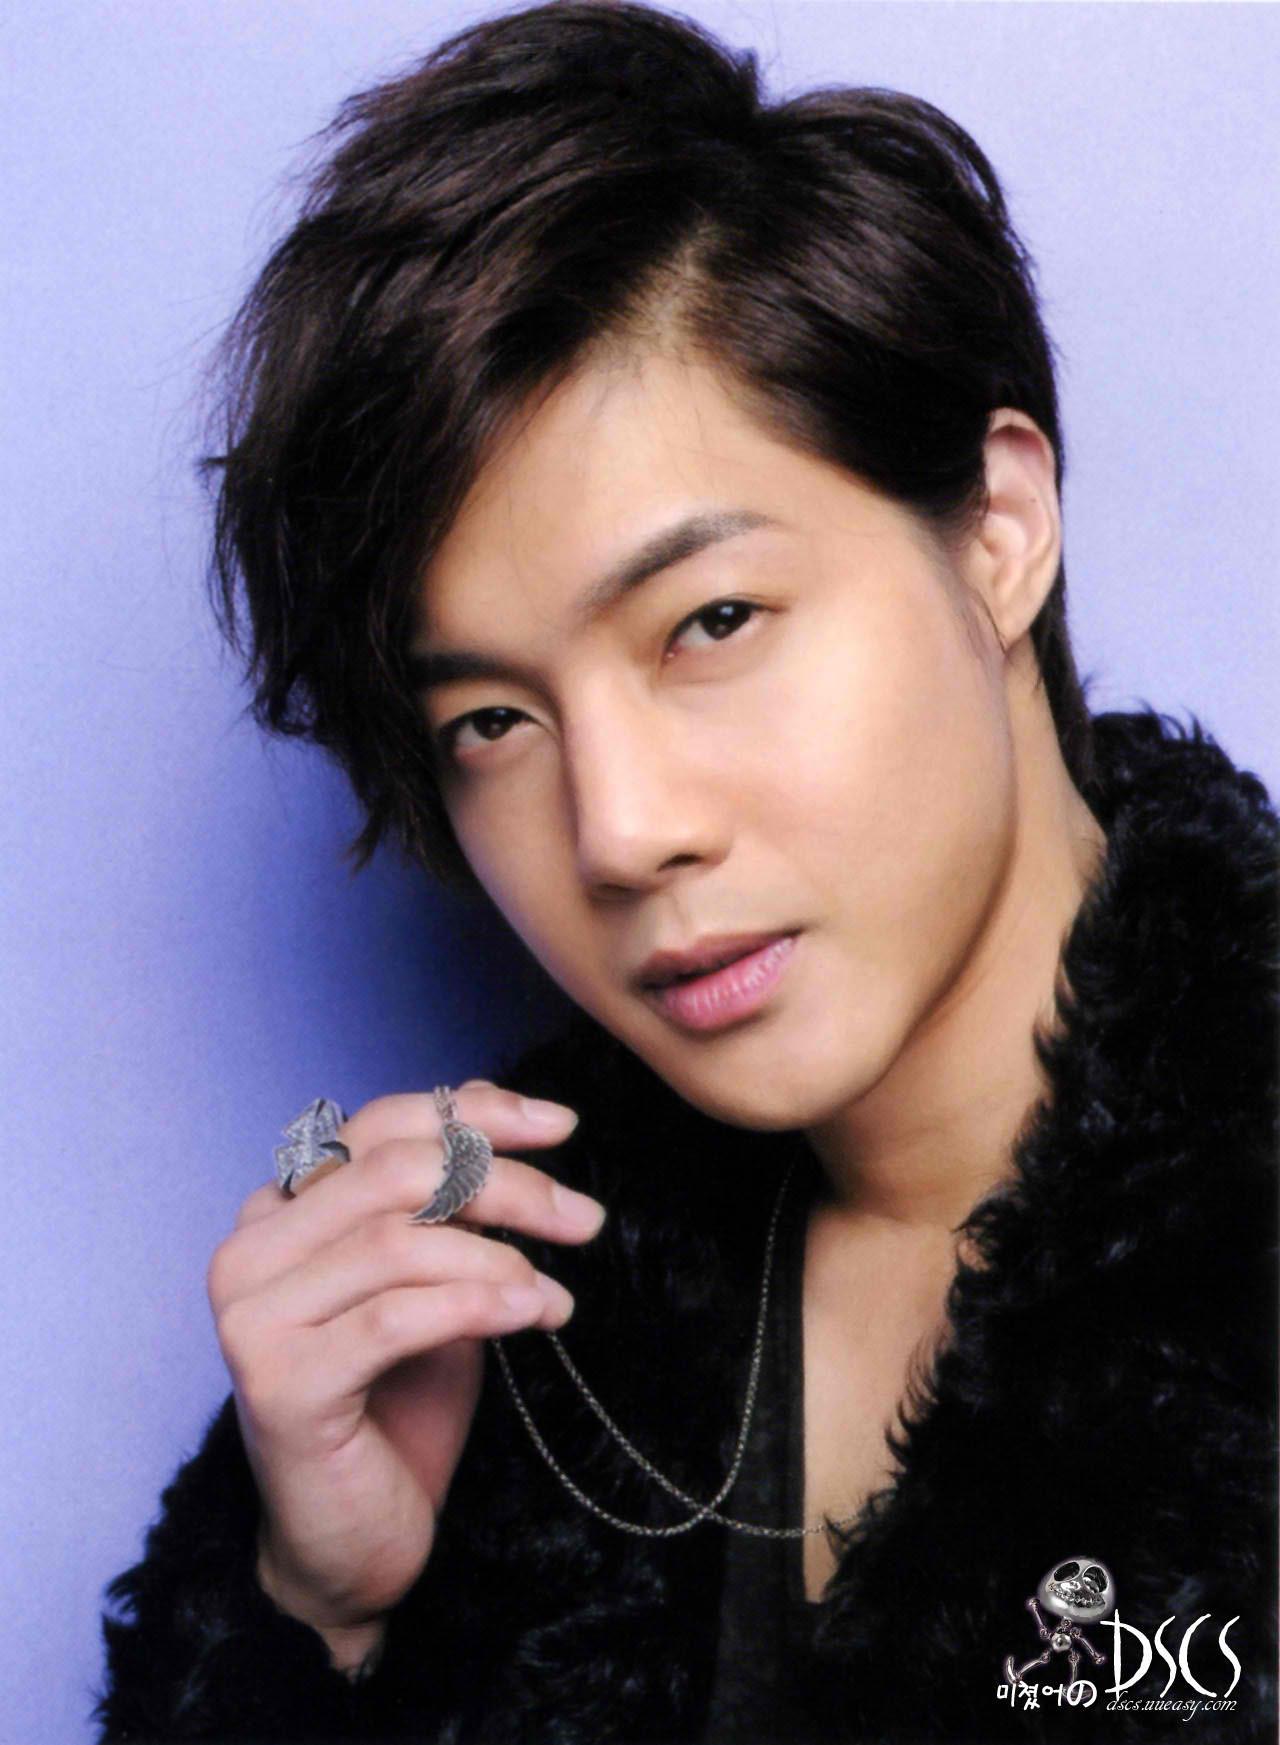 фотографии актеров корейских сериалов